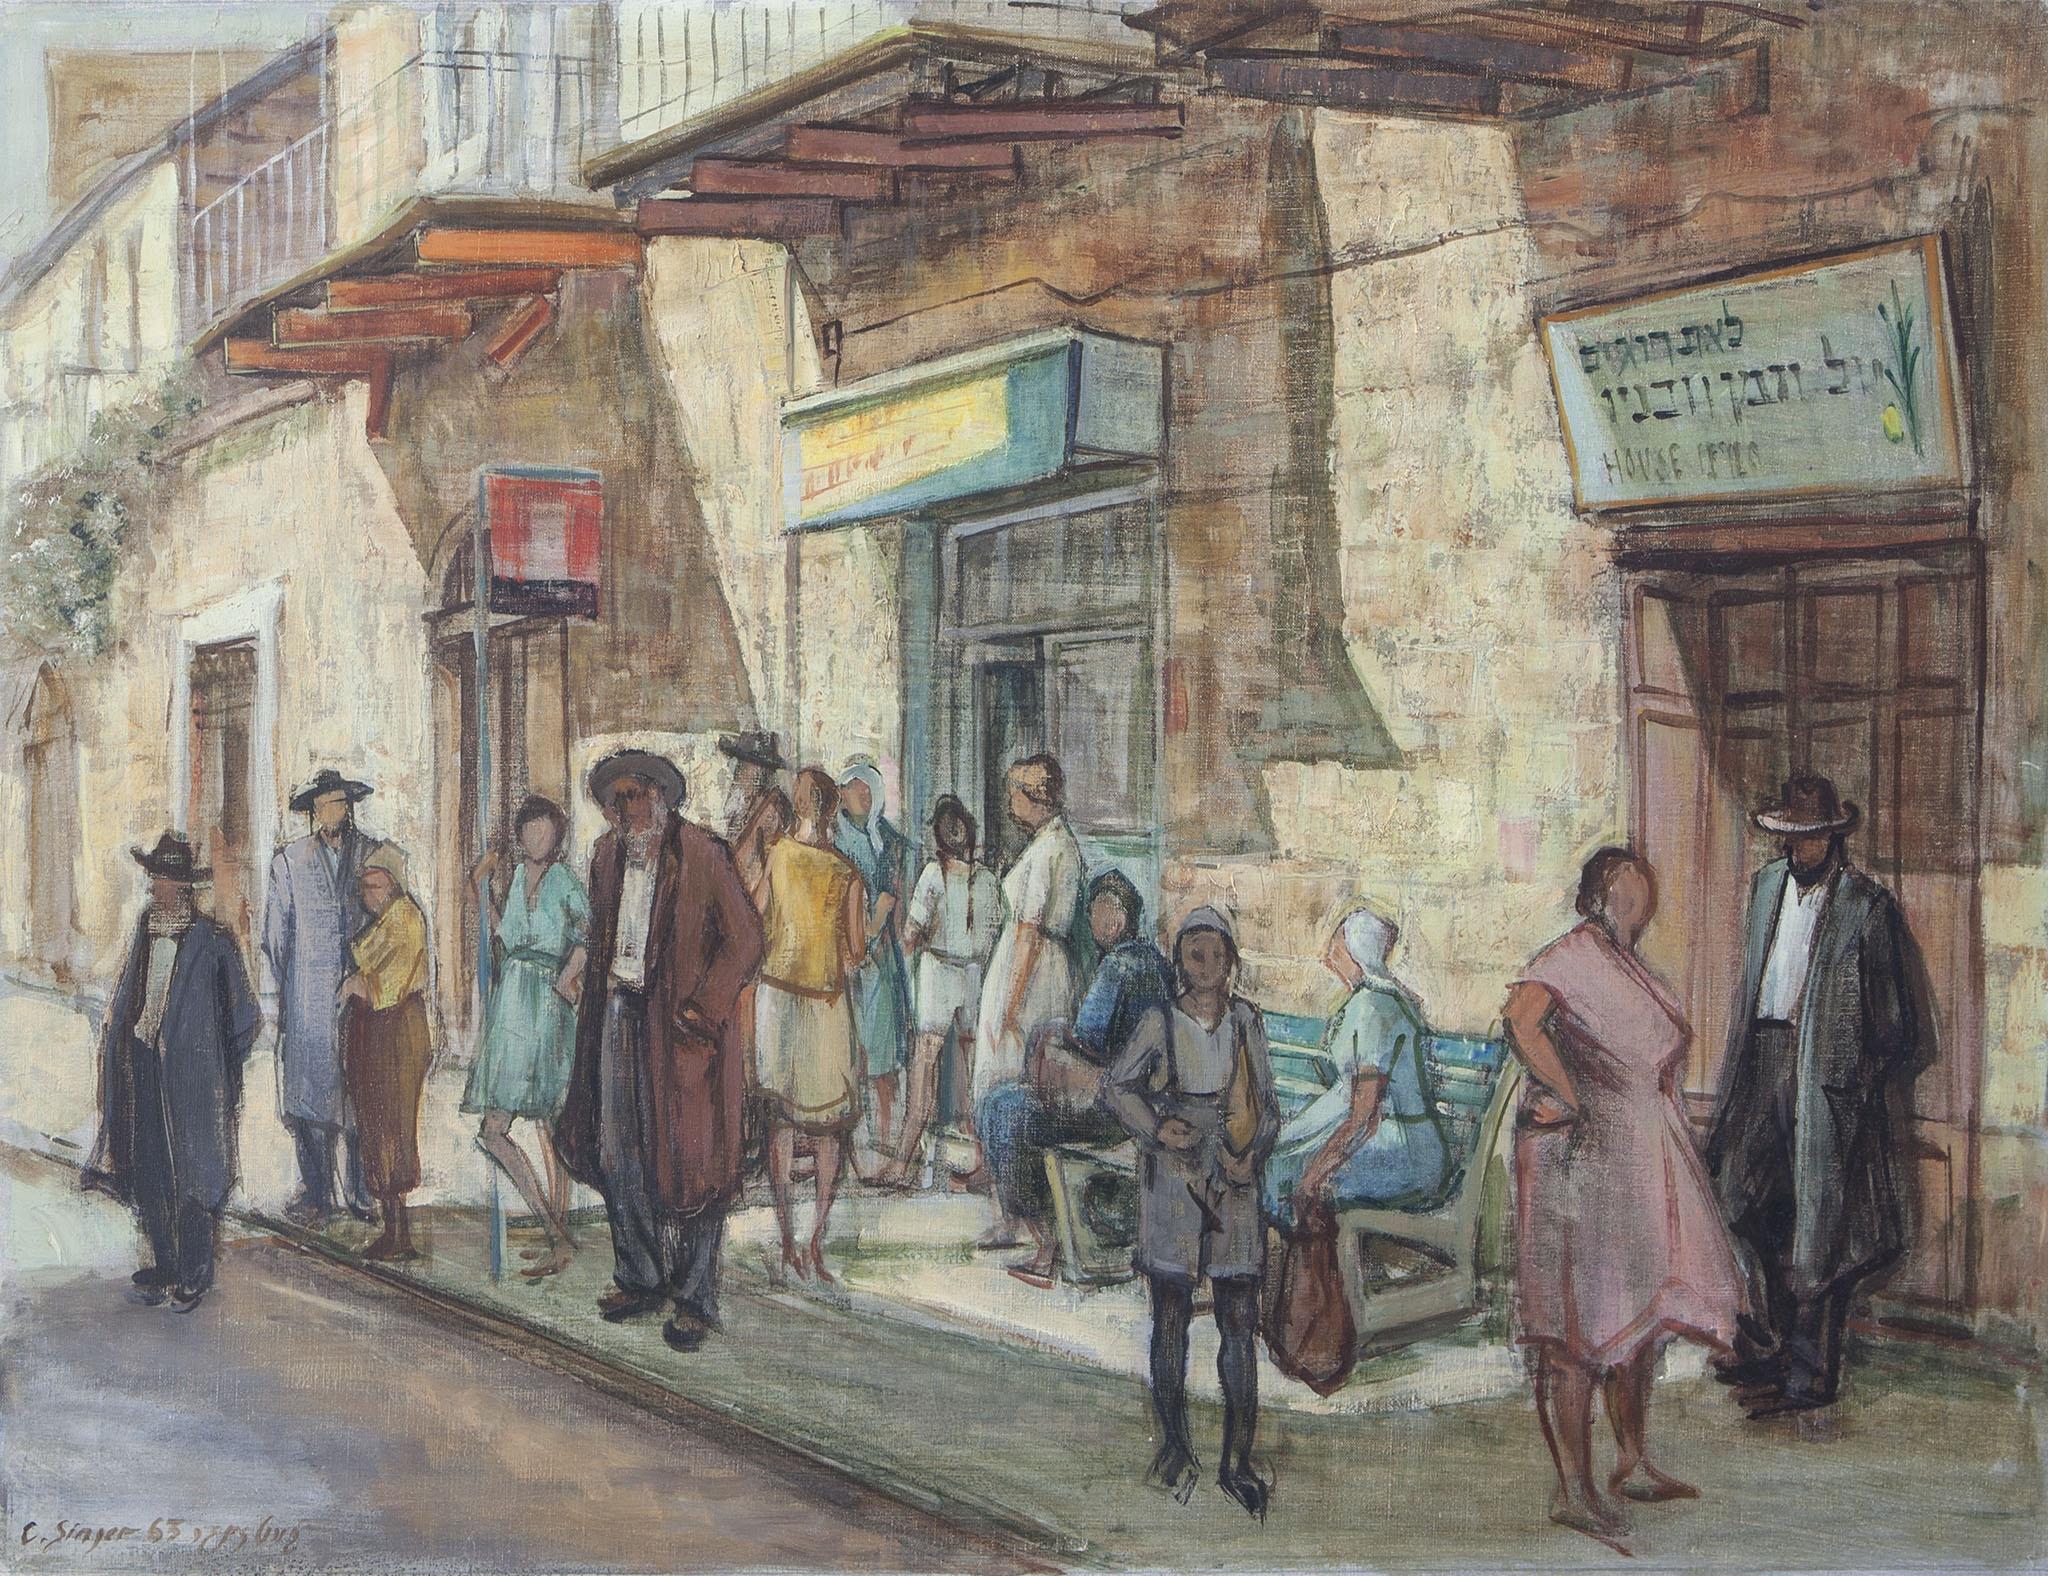 """קורט זינגר, """"בהמתנה לאוטובוס"""", 1963, שמן על בד, 75x56 ס""""מ"""